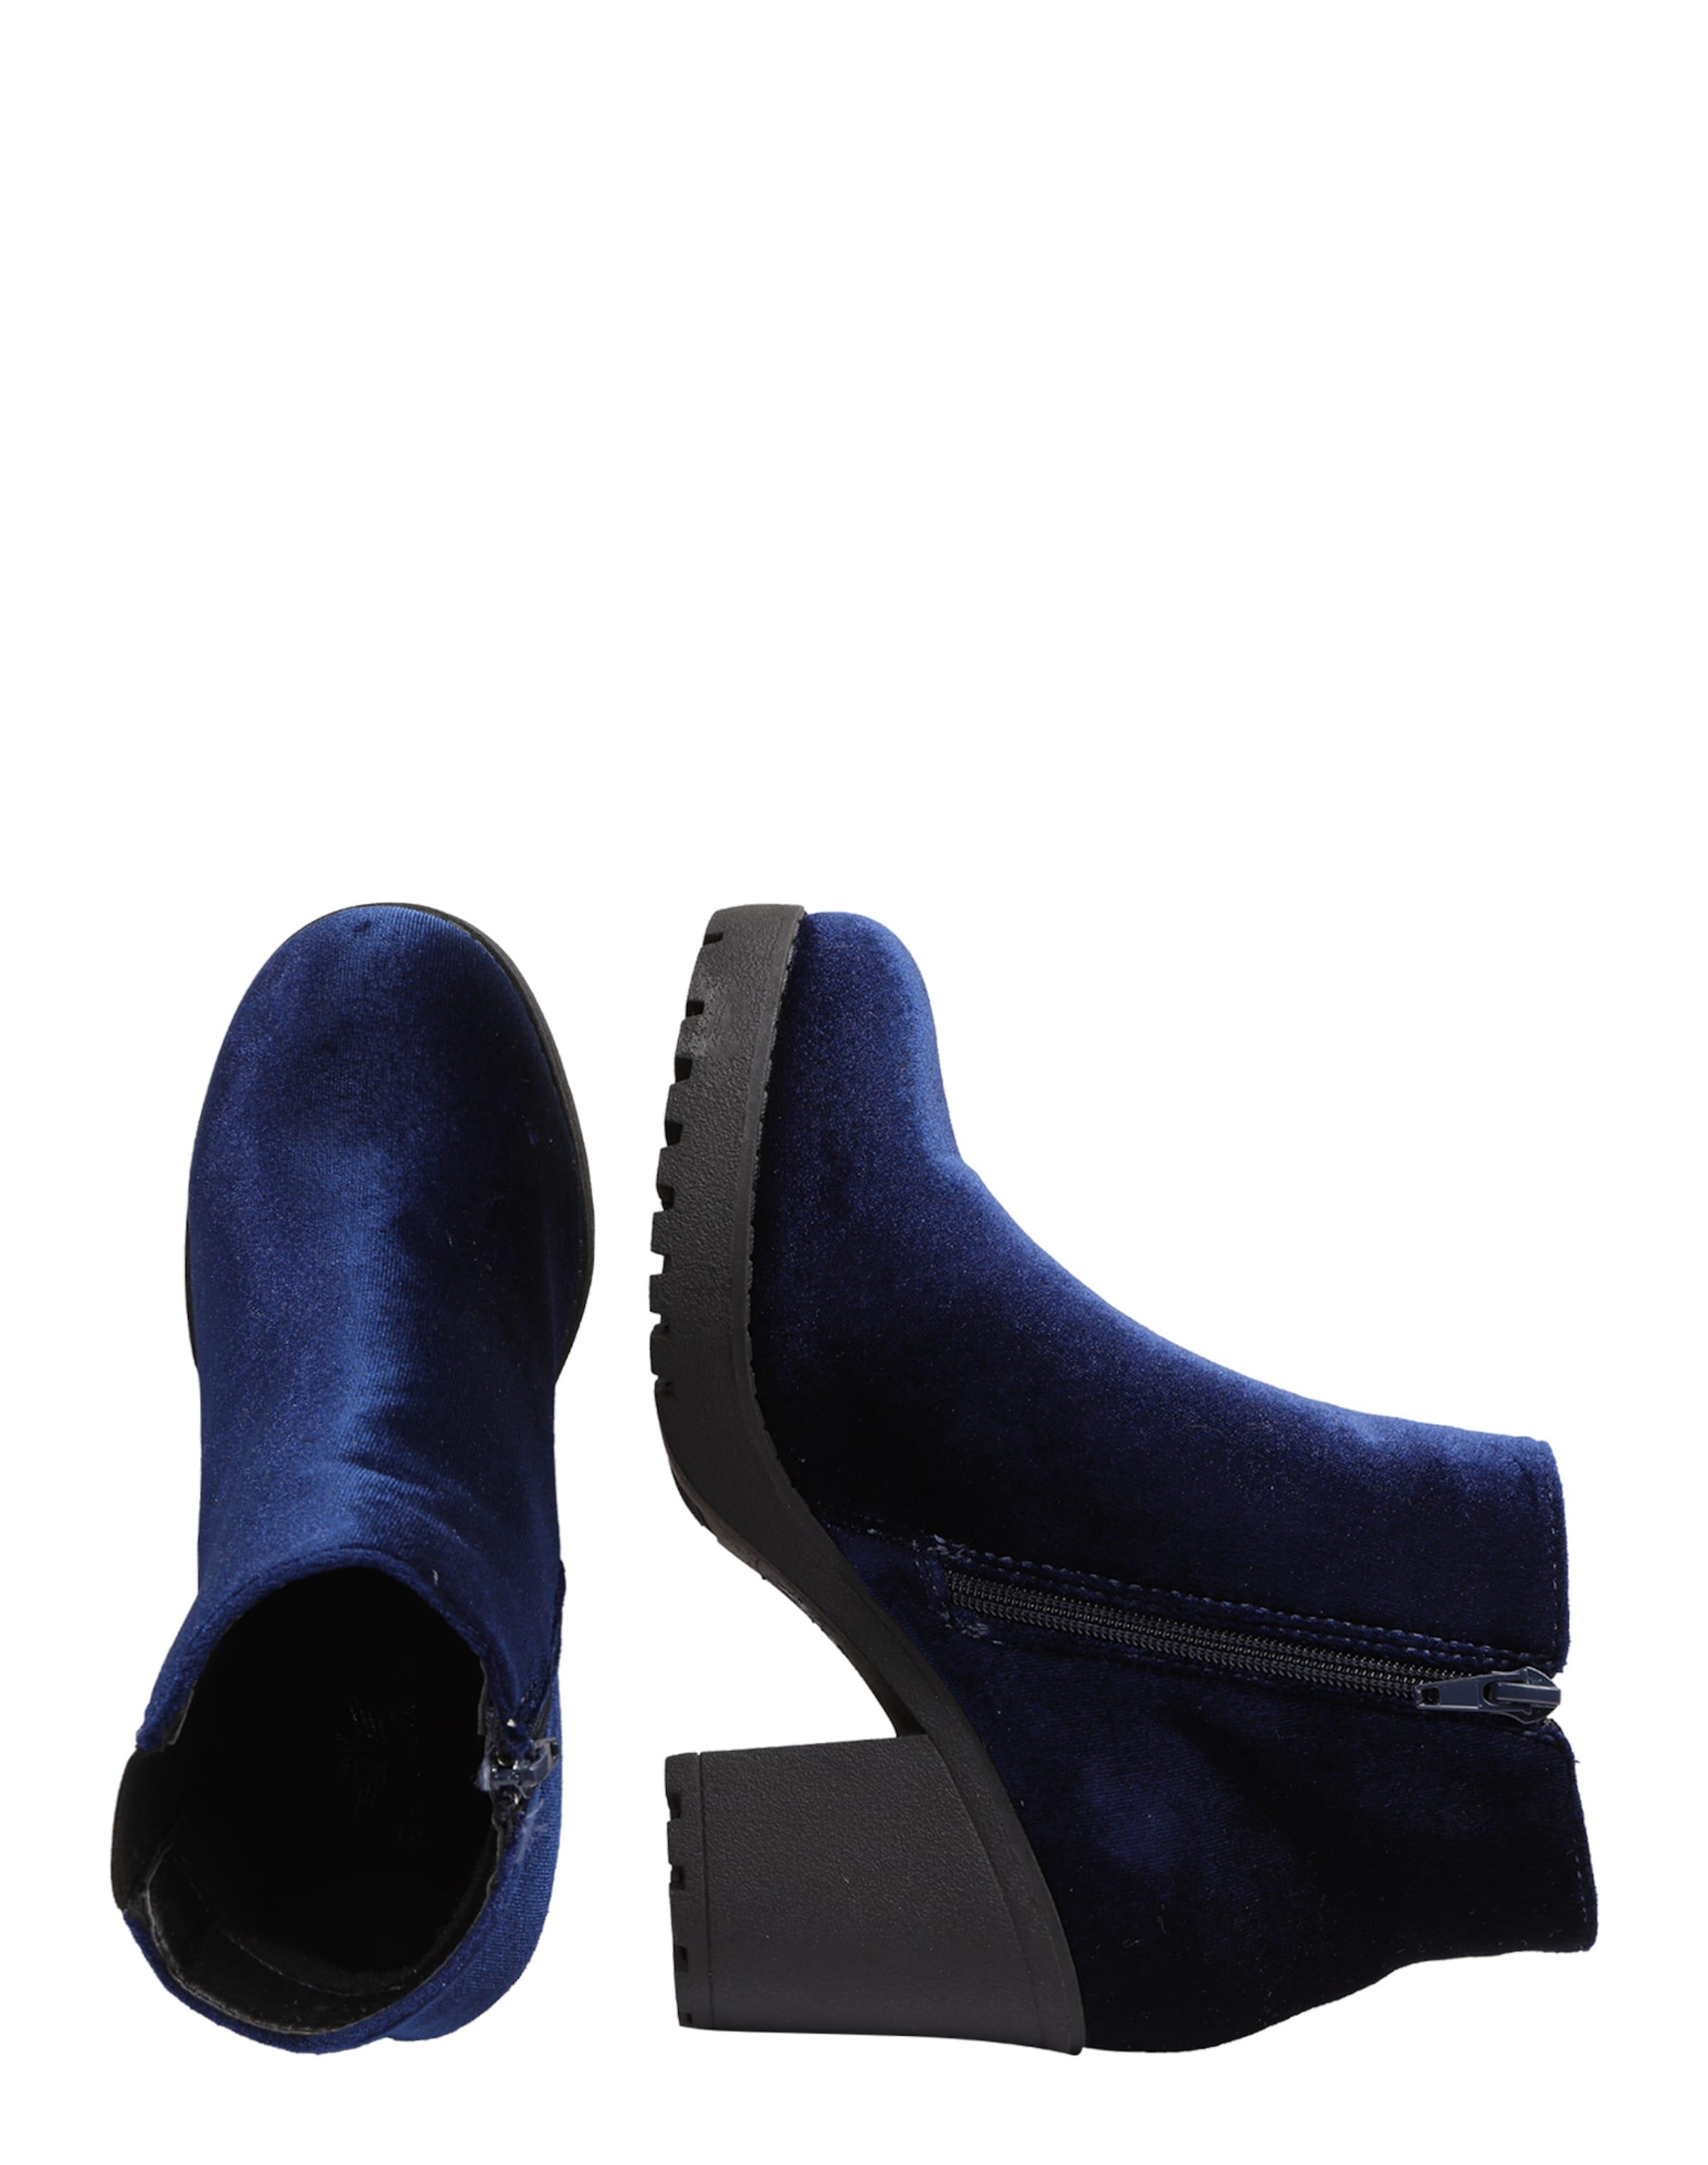 Freies Verschiffen Preiswerte Reale Fritzi aus Preußen Ankle Boots 'Fee Chunky Heel Velvet' Erschwinglich Auslass Manchester Billig 2018 Unisex Günstig Kaufen Neueste yLHap